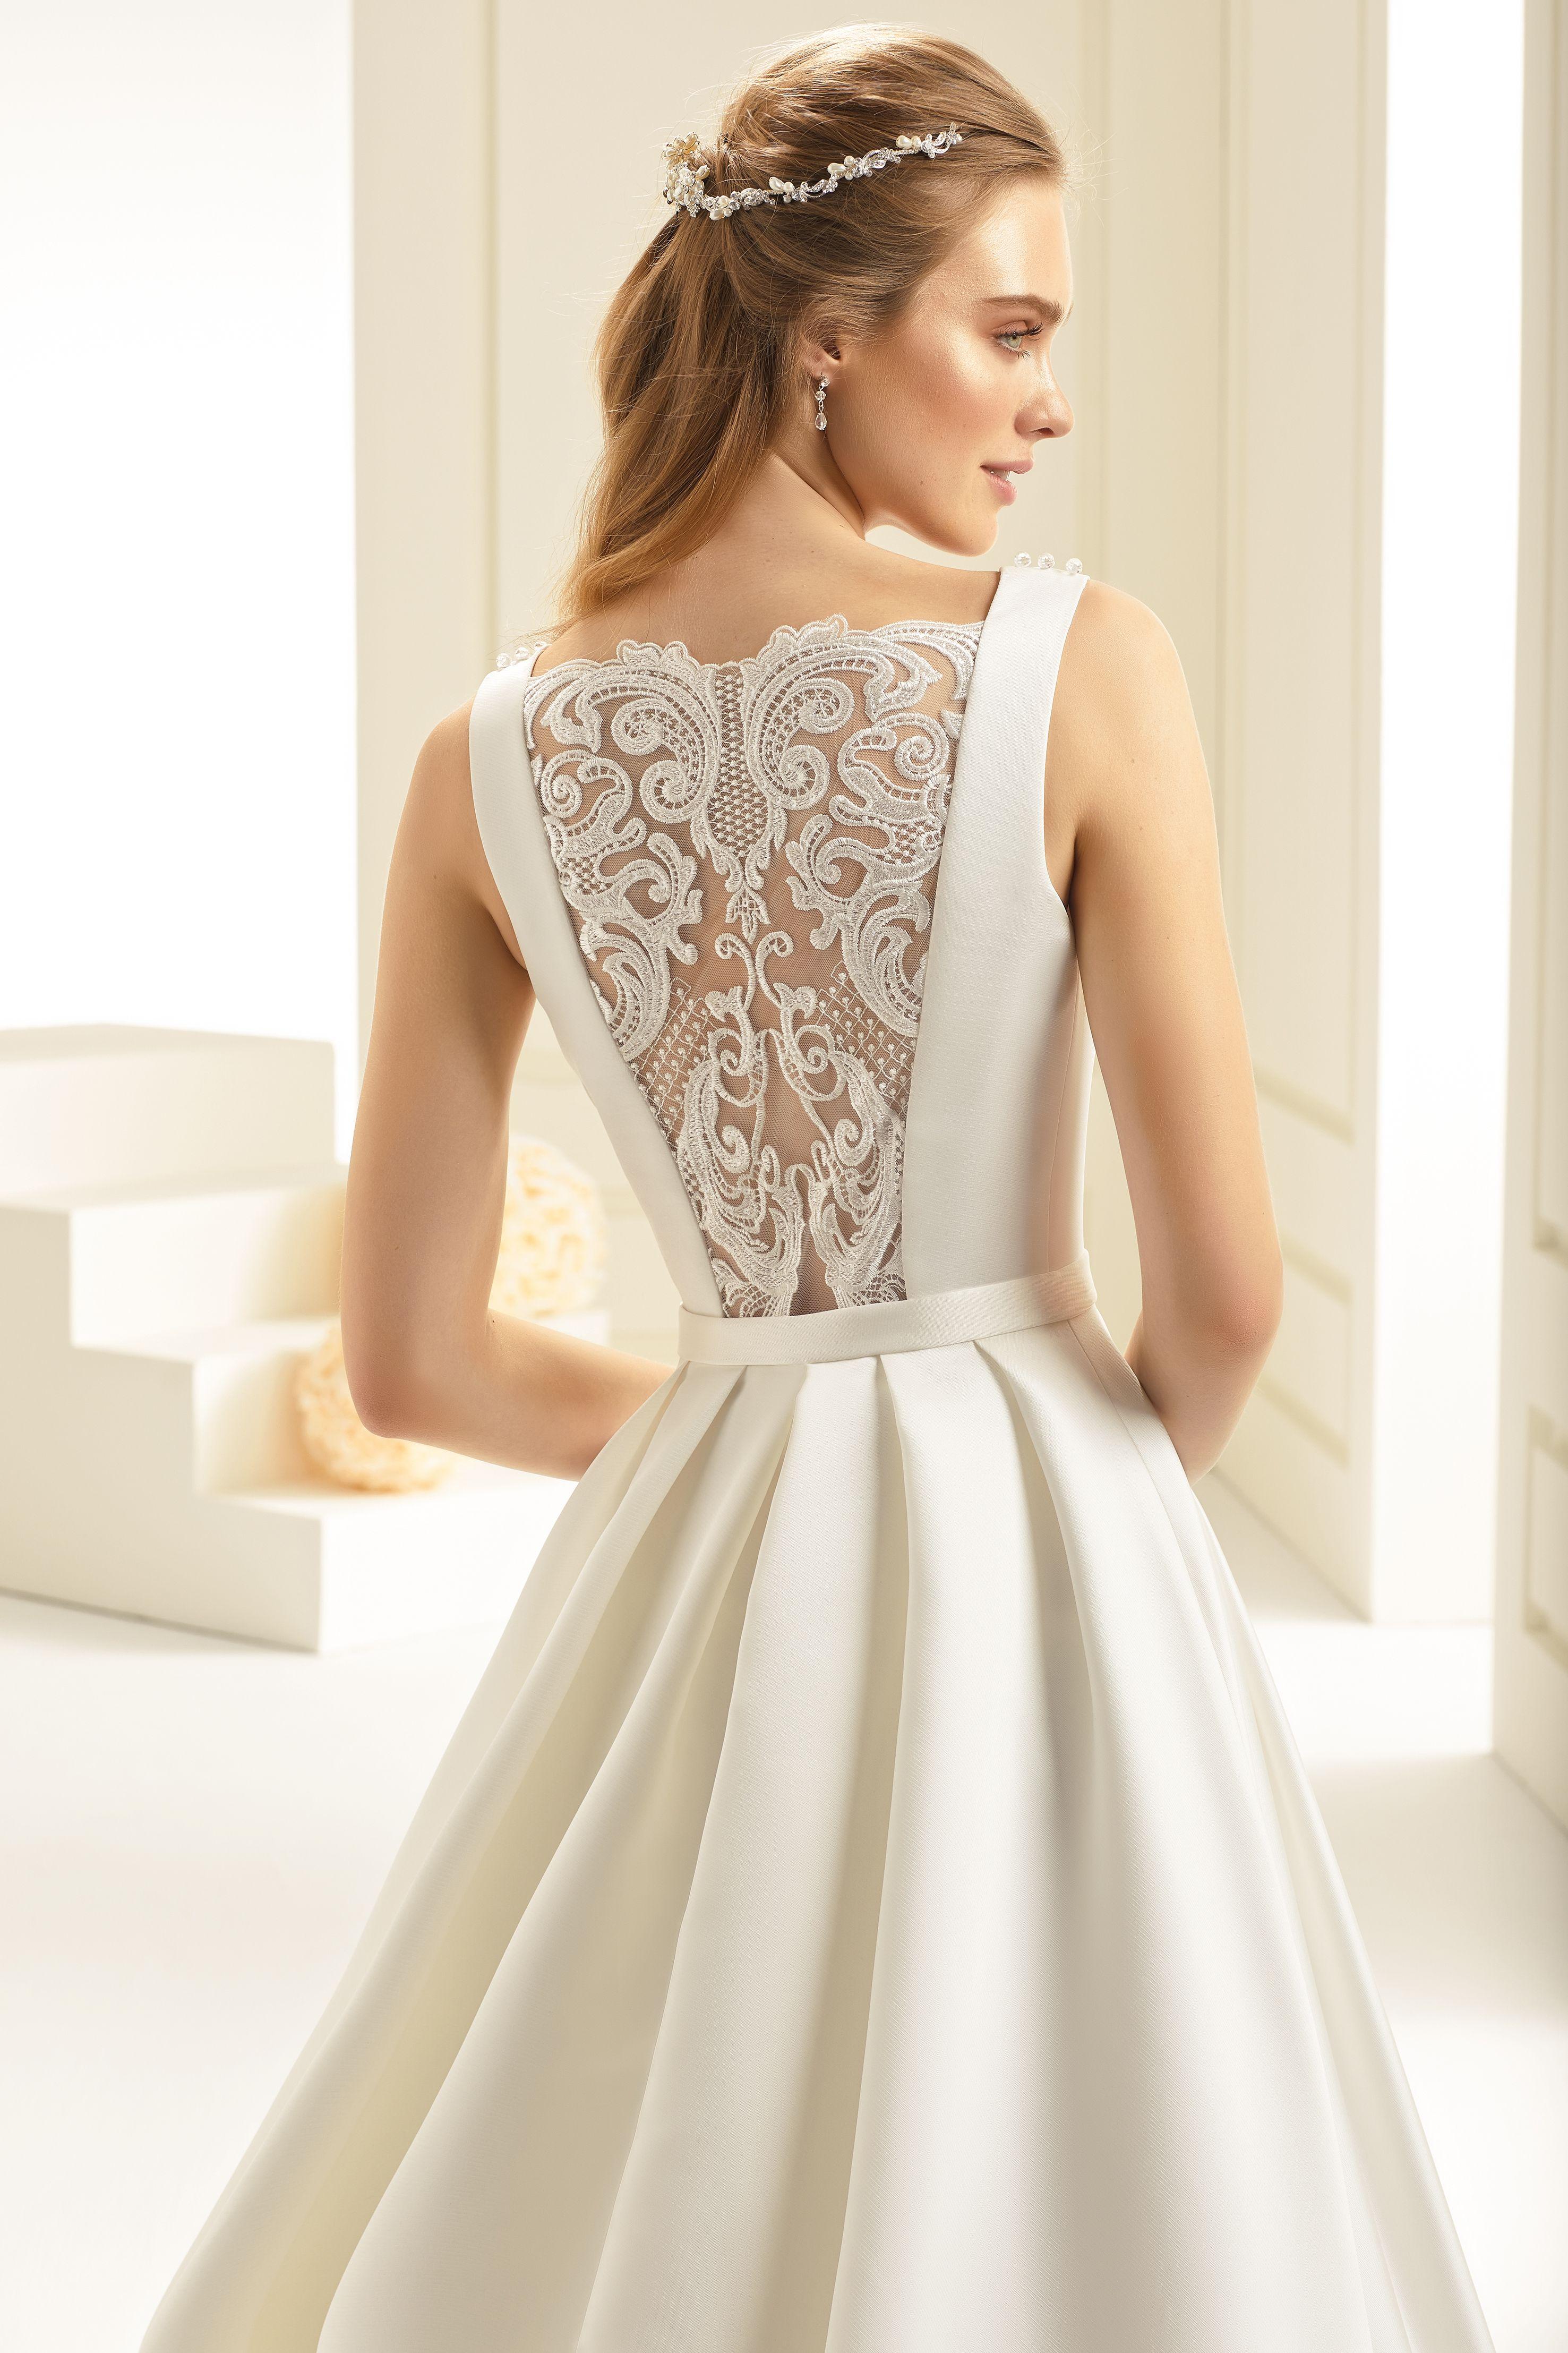 Gemütlich Hochzeitskleid Codes Bilder - Hochzeit Kleid Stile Ideen ...